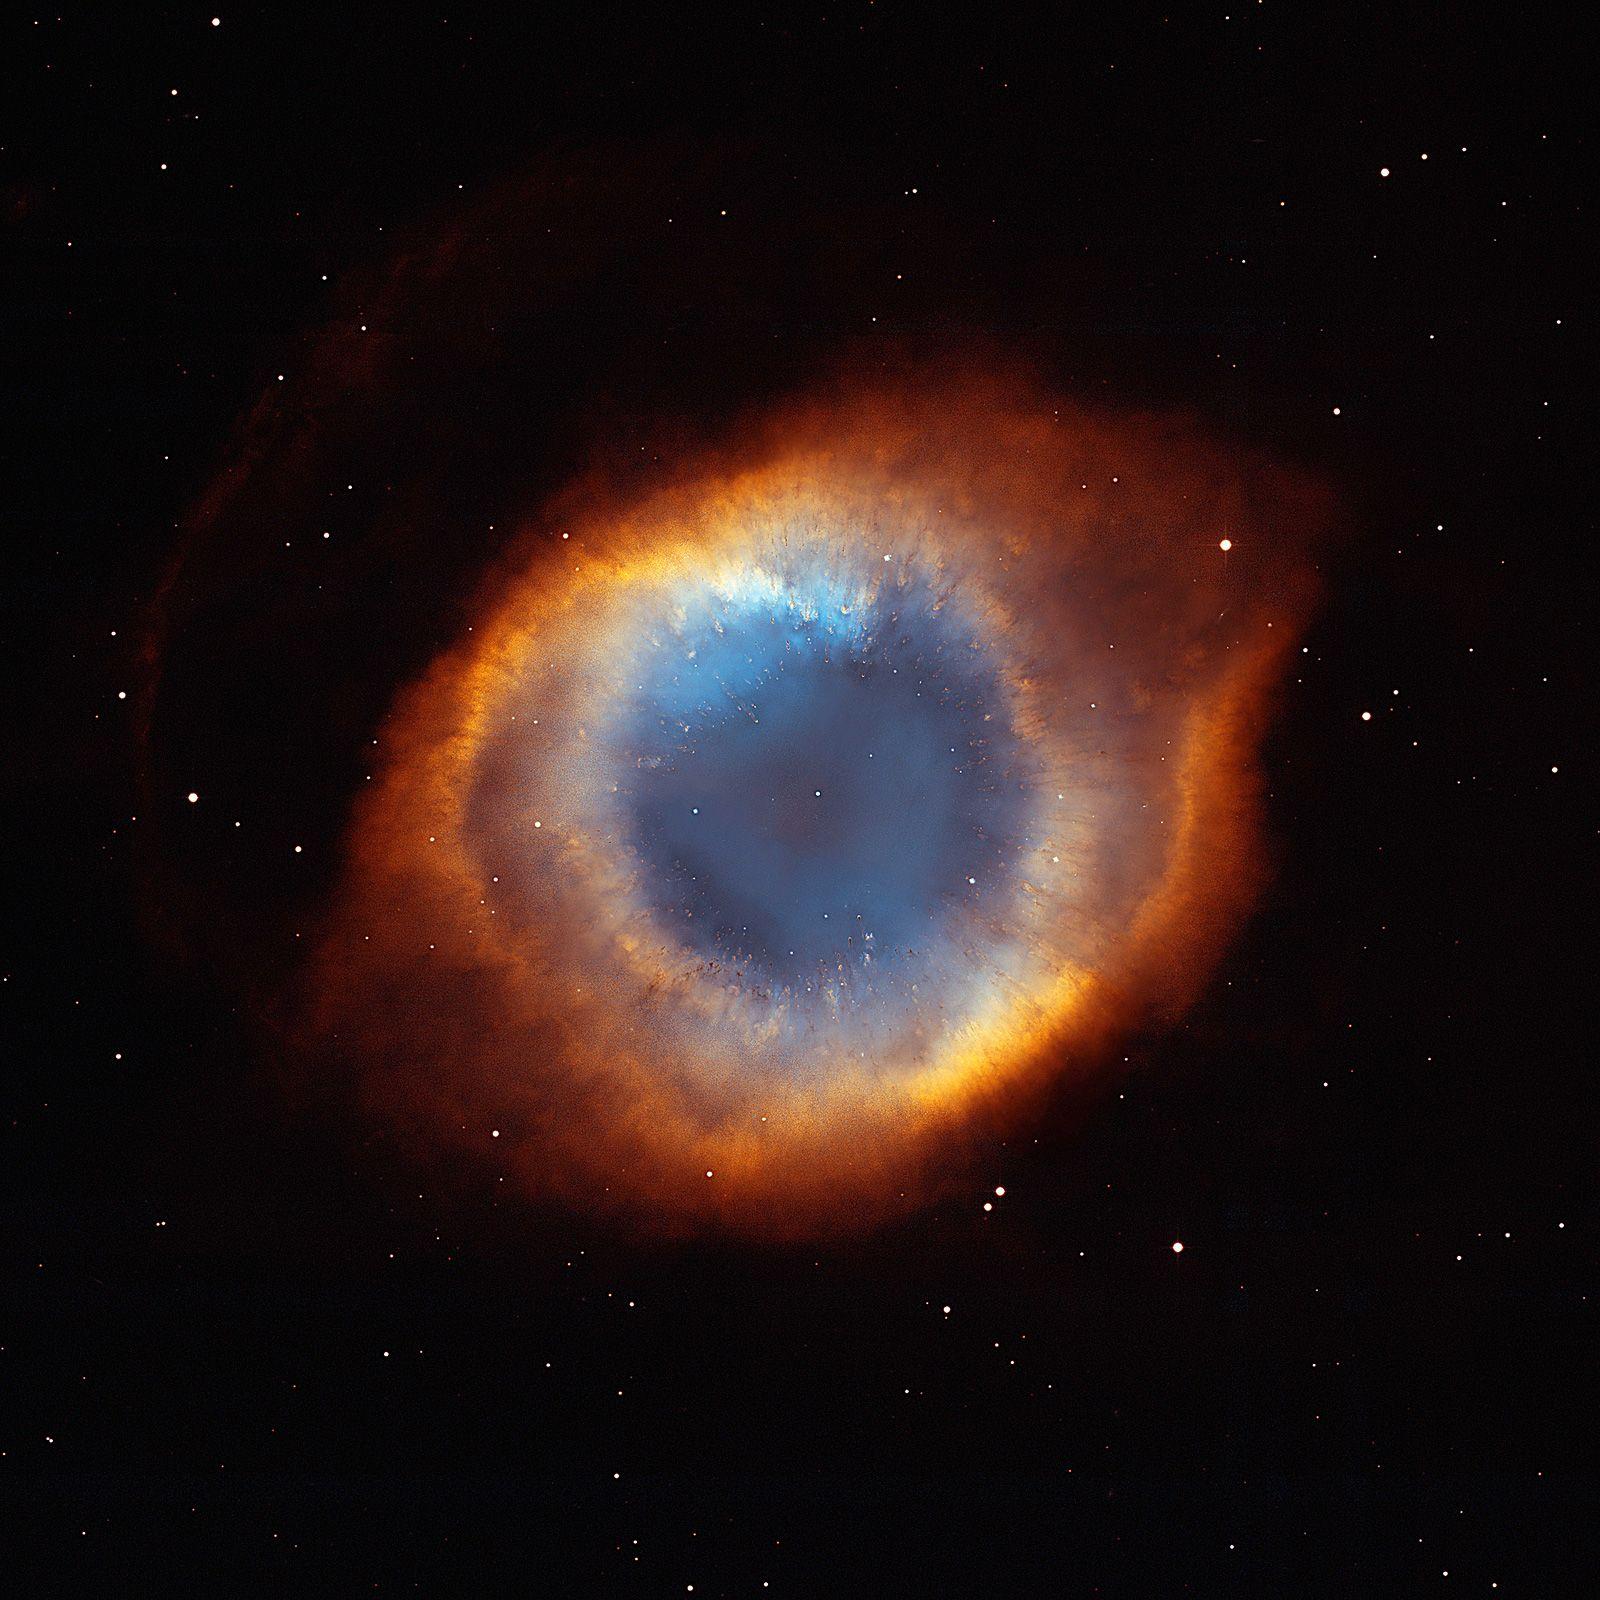 Eye Of God Nebula